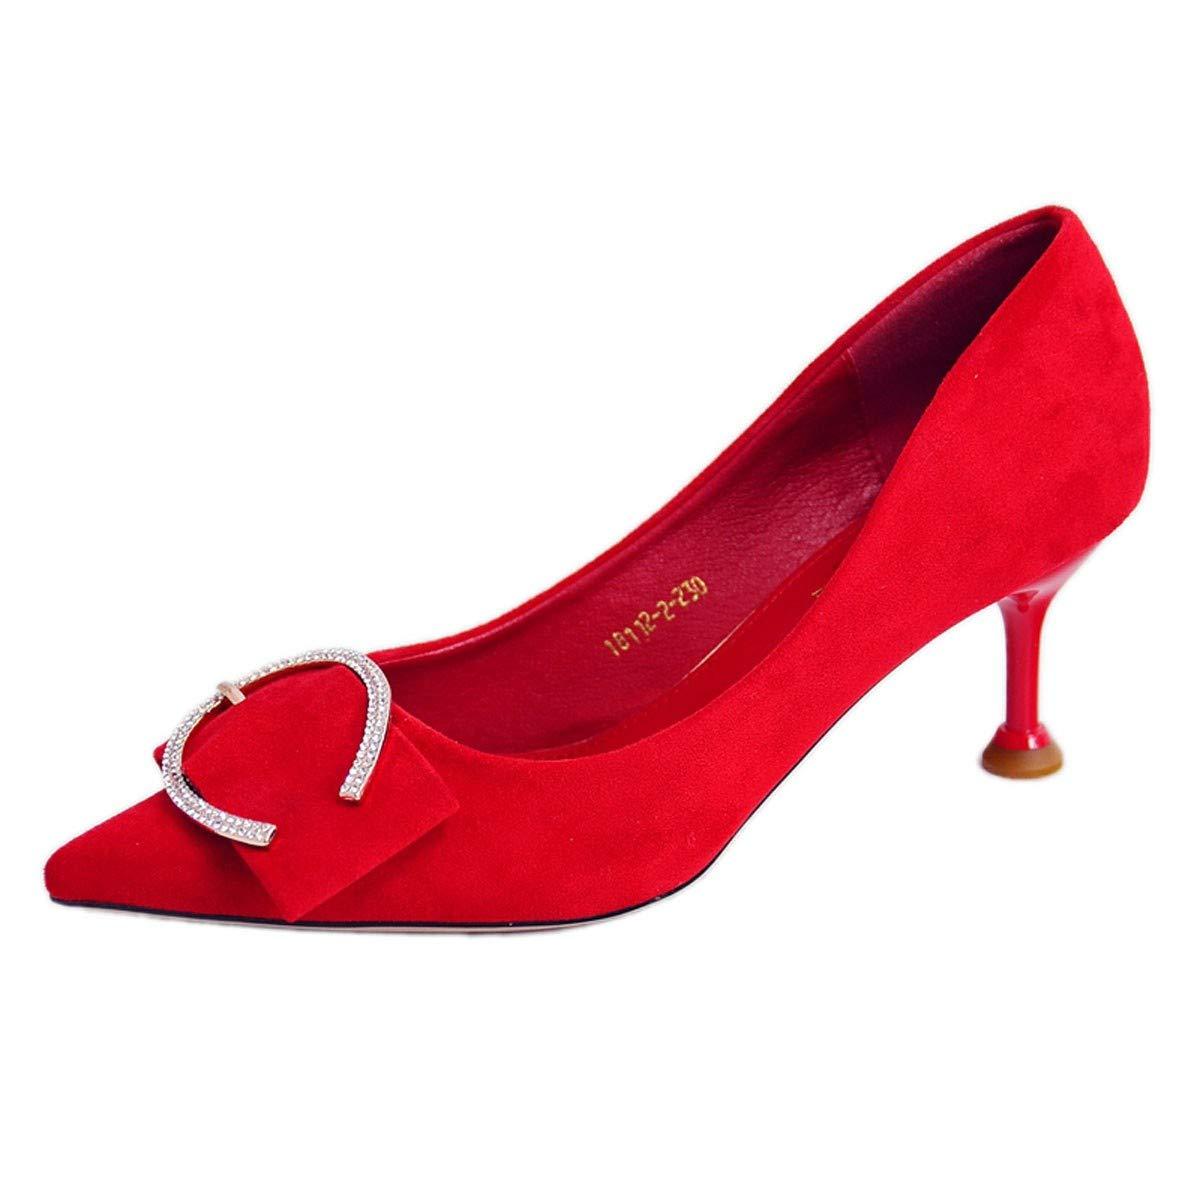 GTVERNH Frauen Schuhe/Katze Heels Slim - Heels Diamanten Spitze 6 cm High Heels Nahen Heels Einzelne Schuhe Braut Die Hochzeit Frauen Schuhe Schuhe Mode